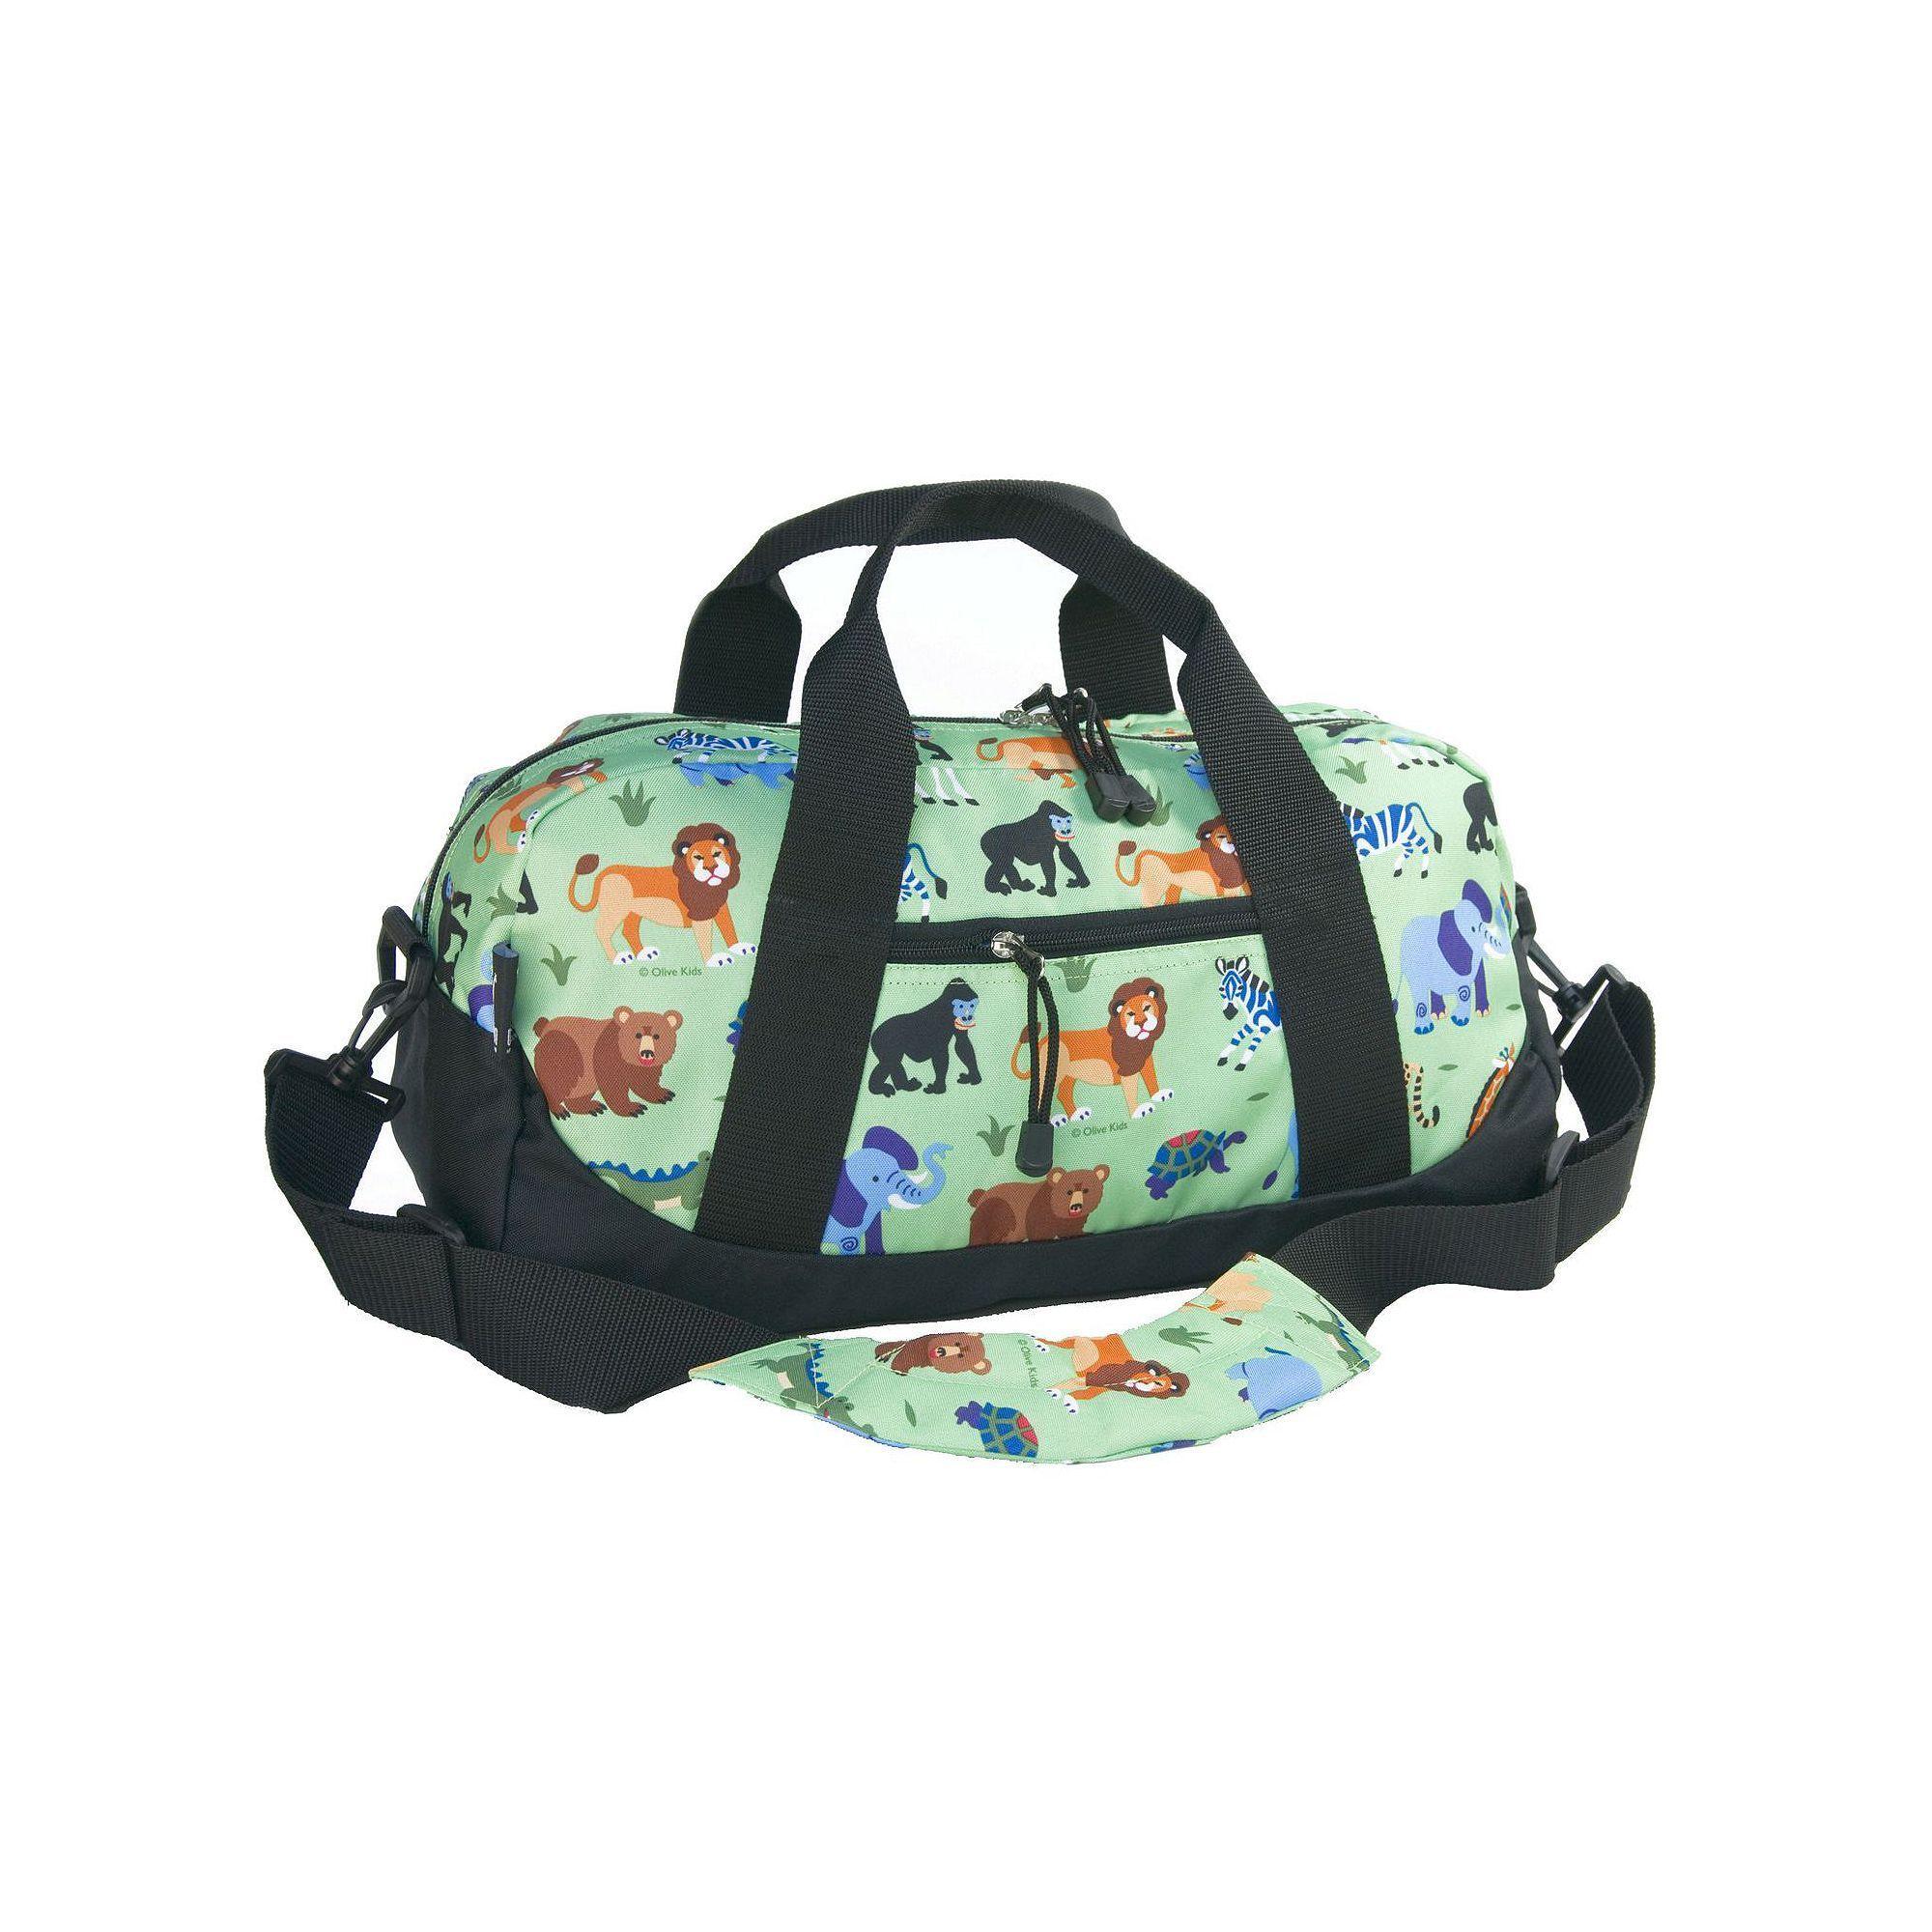 981479de251f22 Olive Kids Animals Duffel Bag - Kids